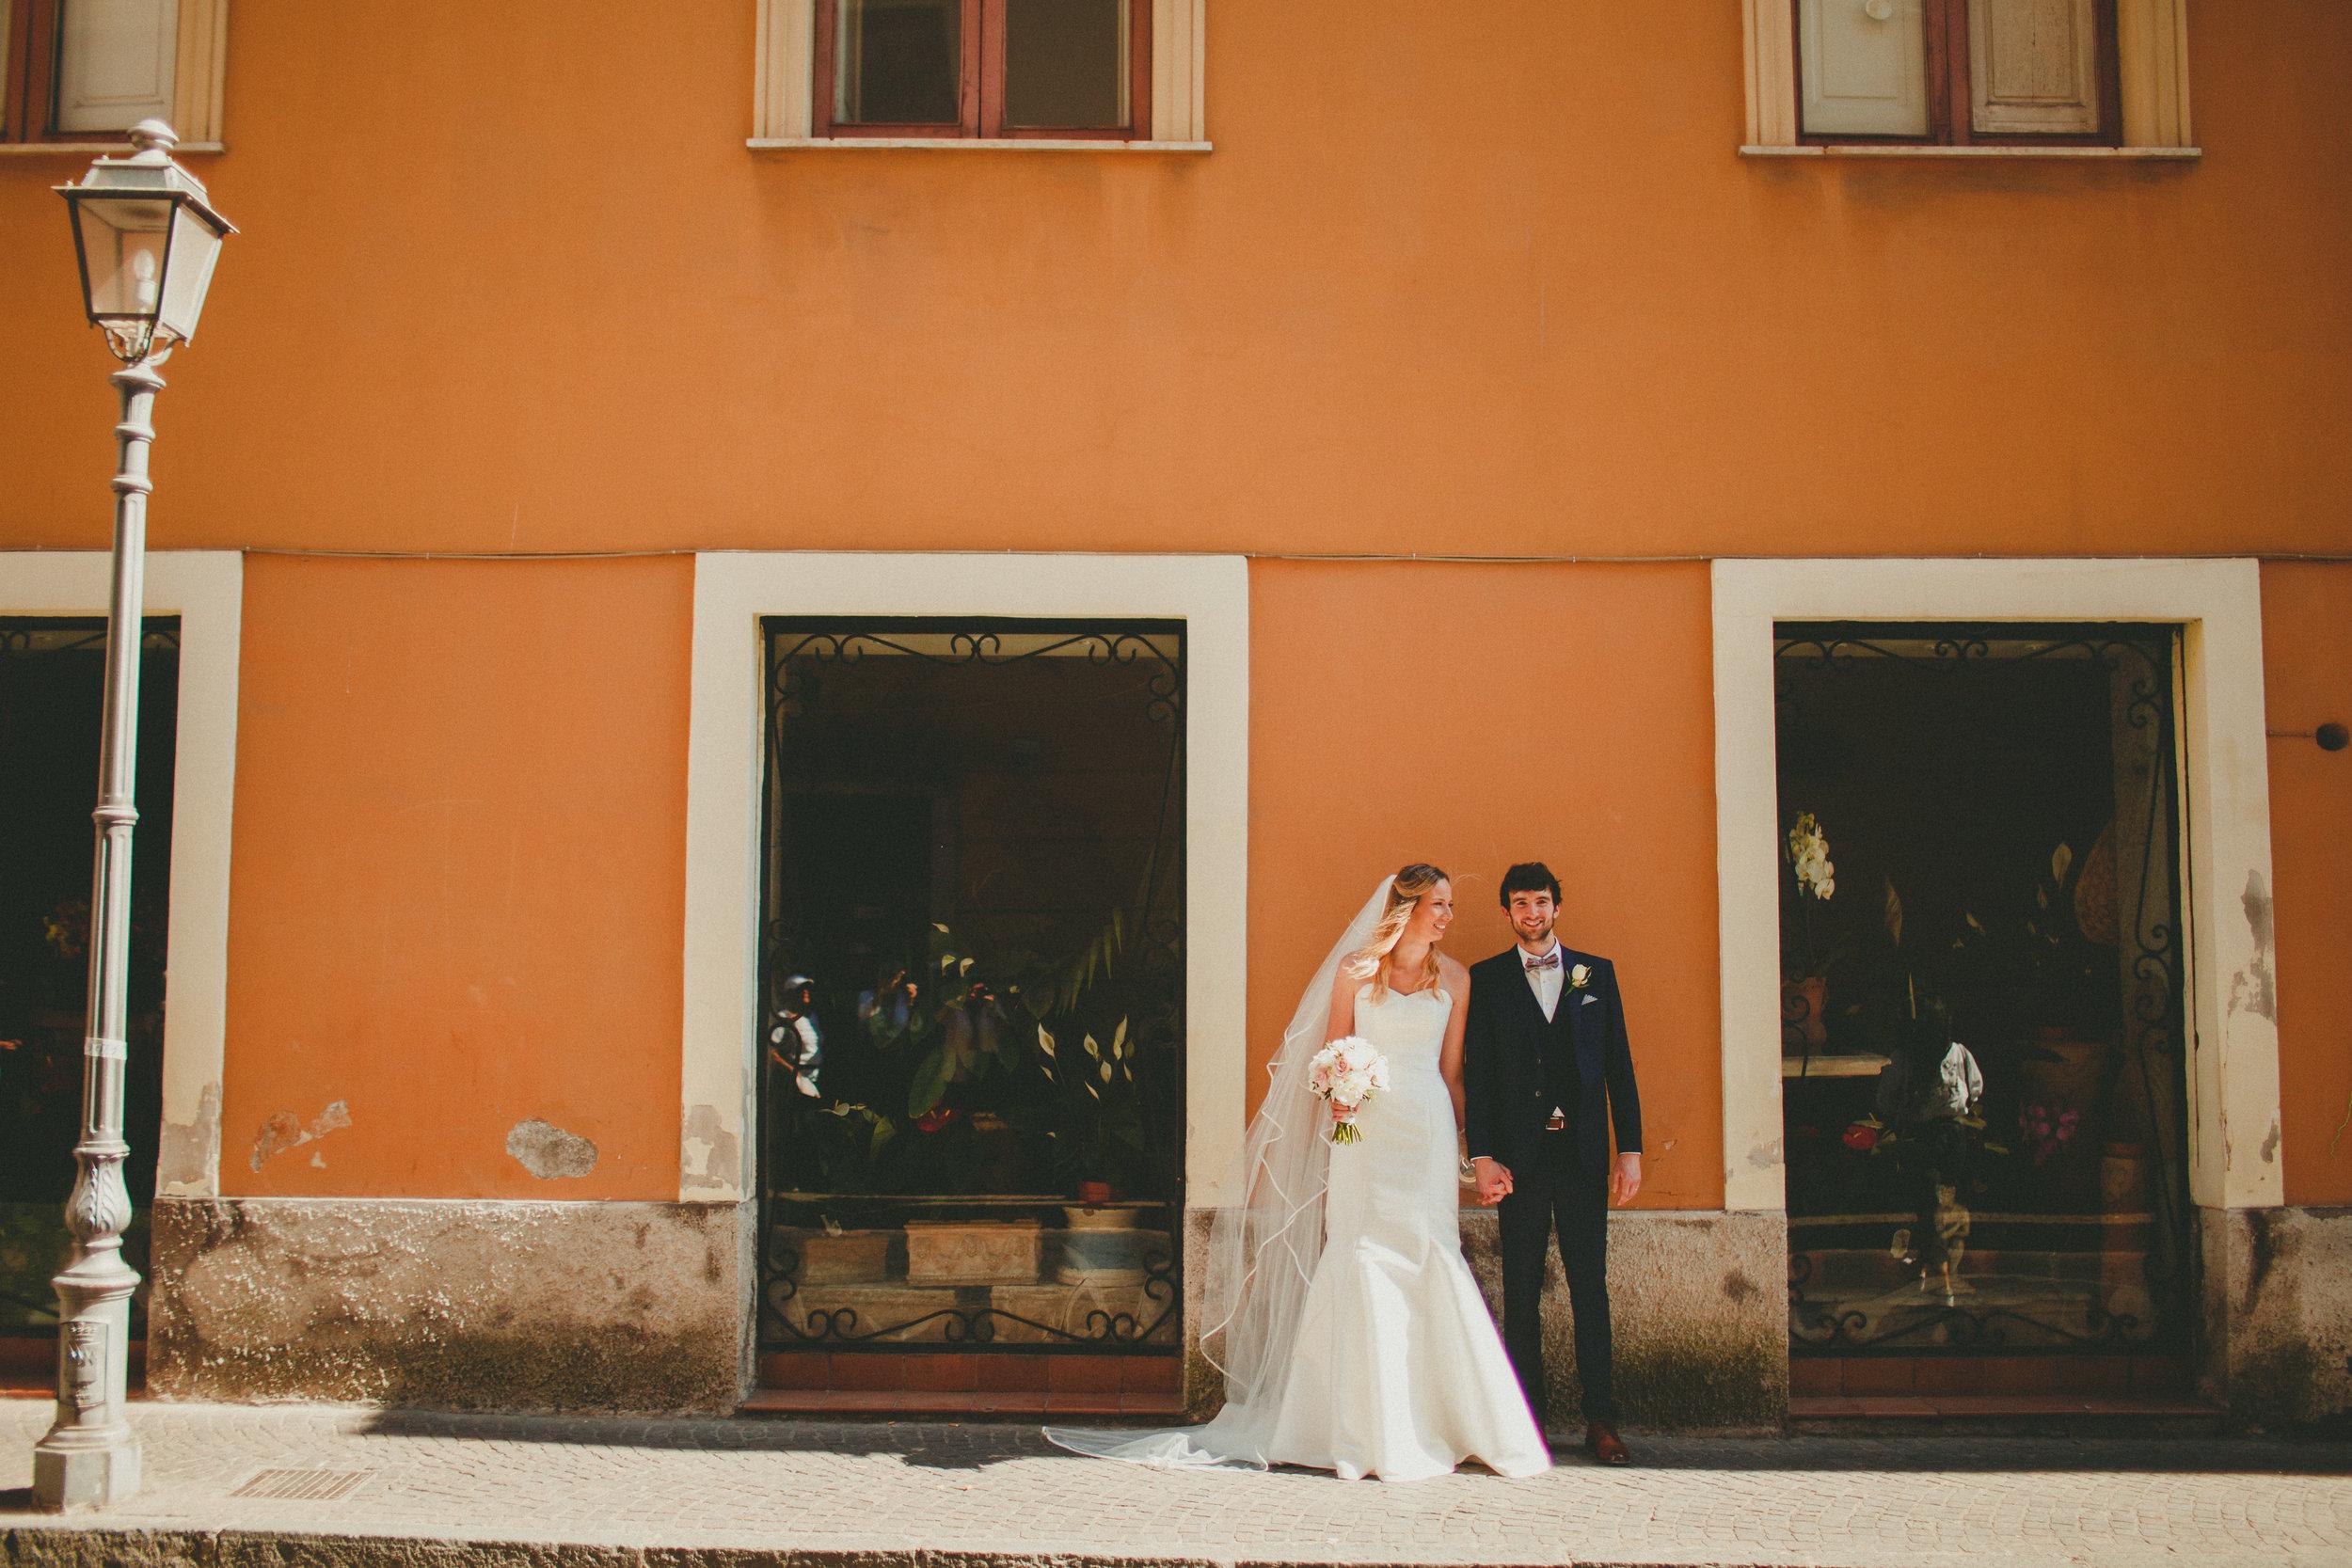 Laura + gareth - Sorrento, Italy